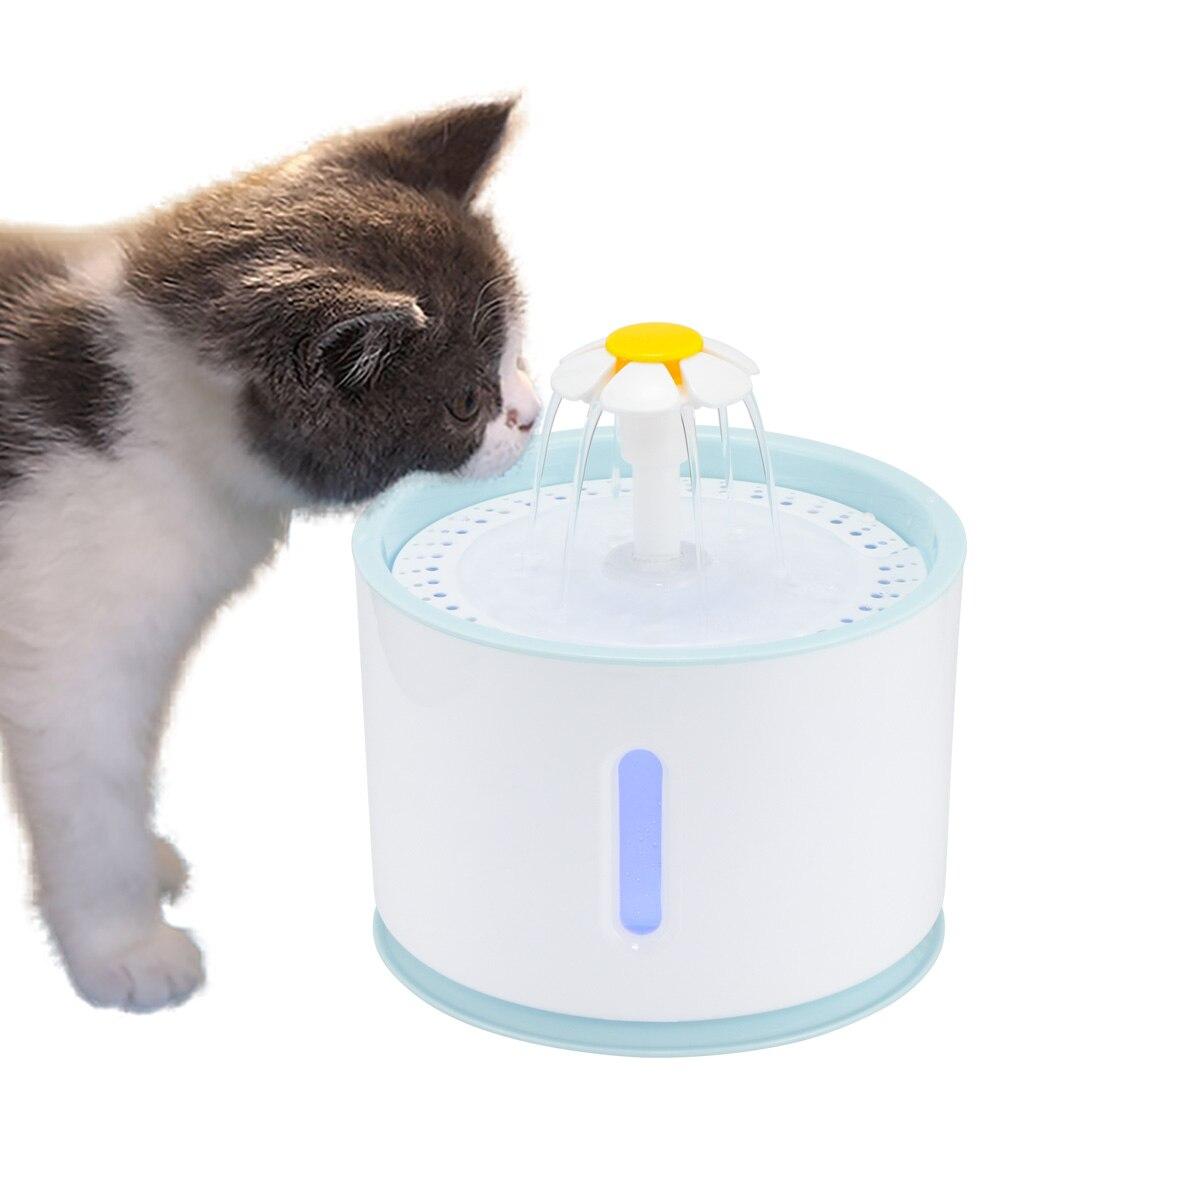 Кошка из Росии для домашних кошек фонтан 2.4L питьевой окно светодиодный автоматический собака кошка питьевой воды миска USB питье для домашни...